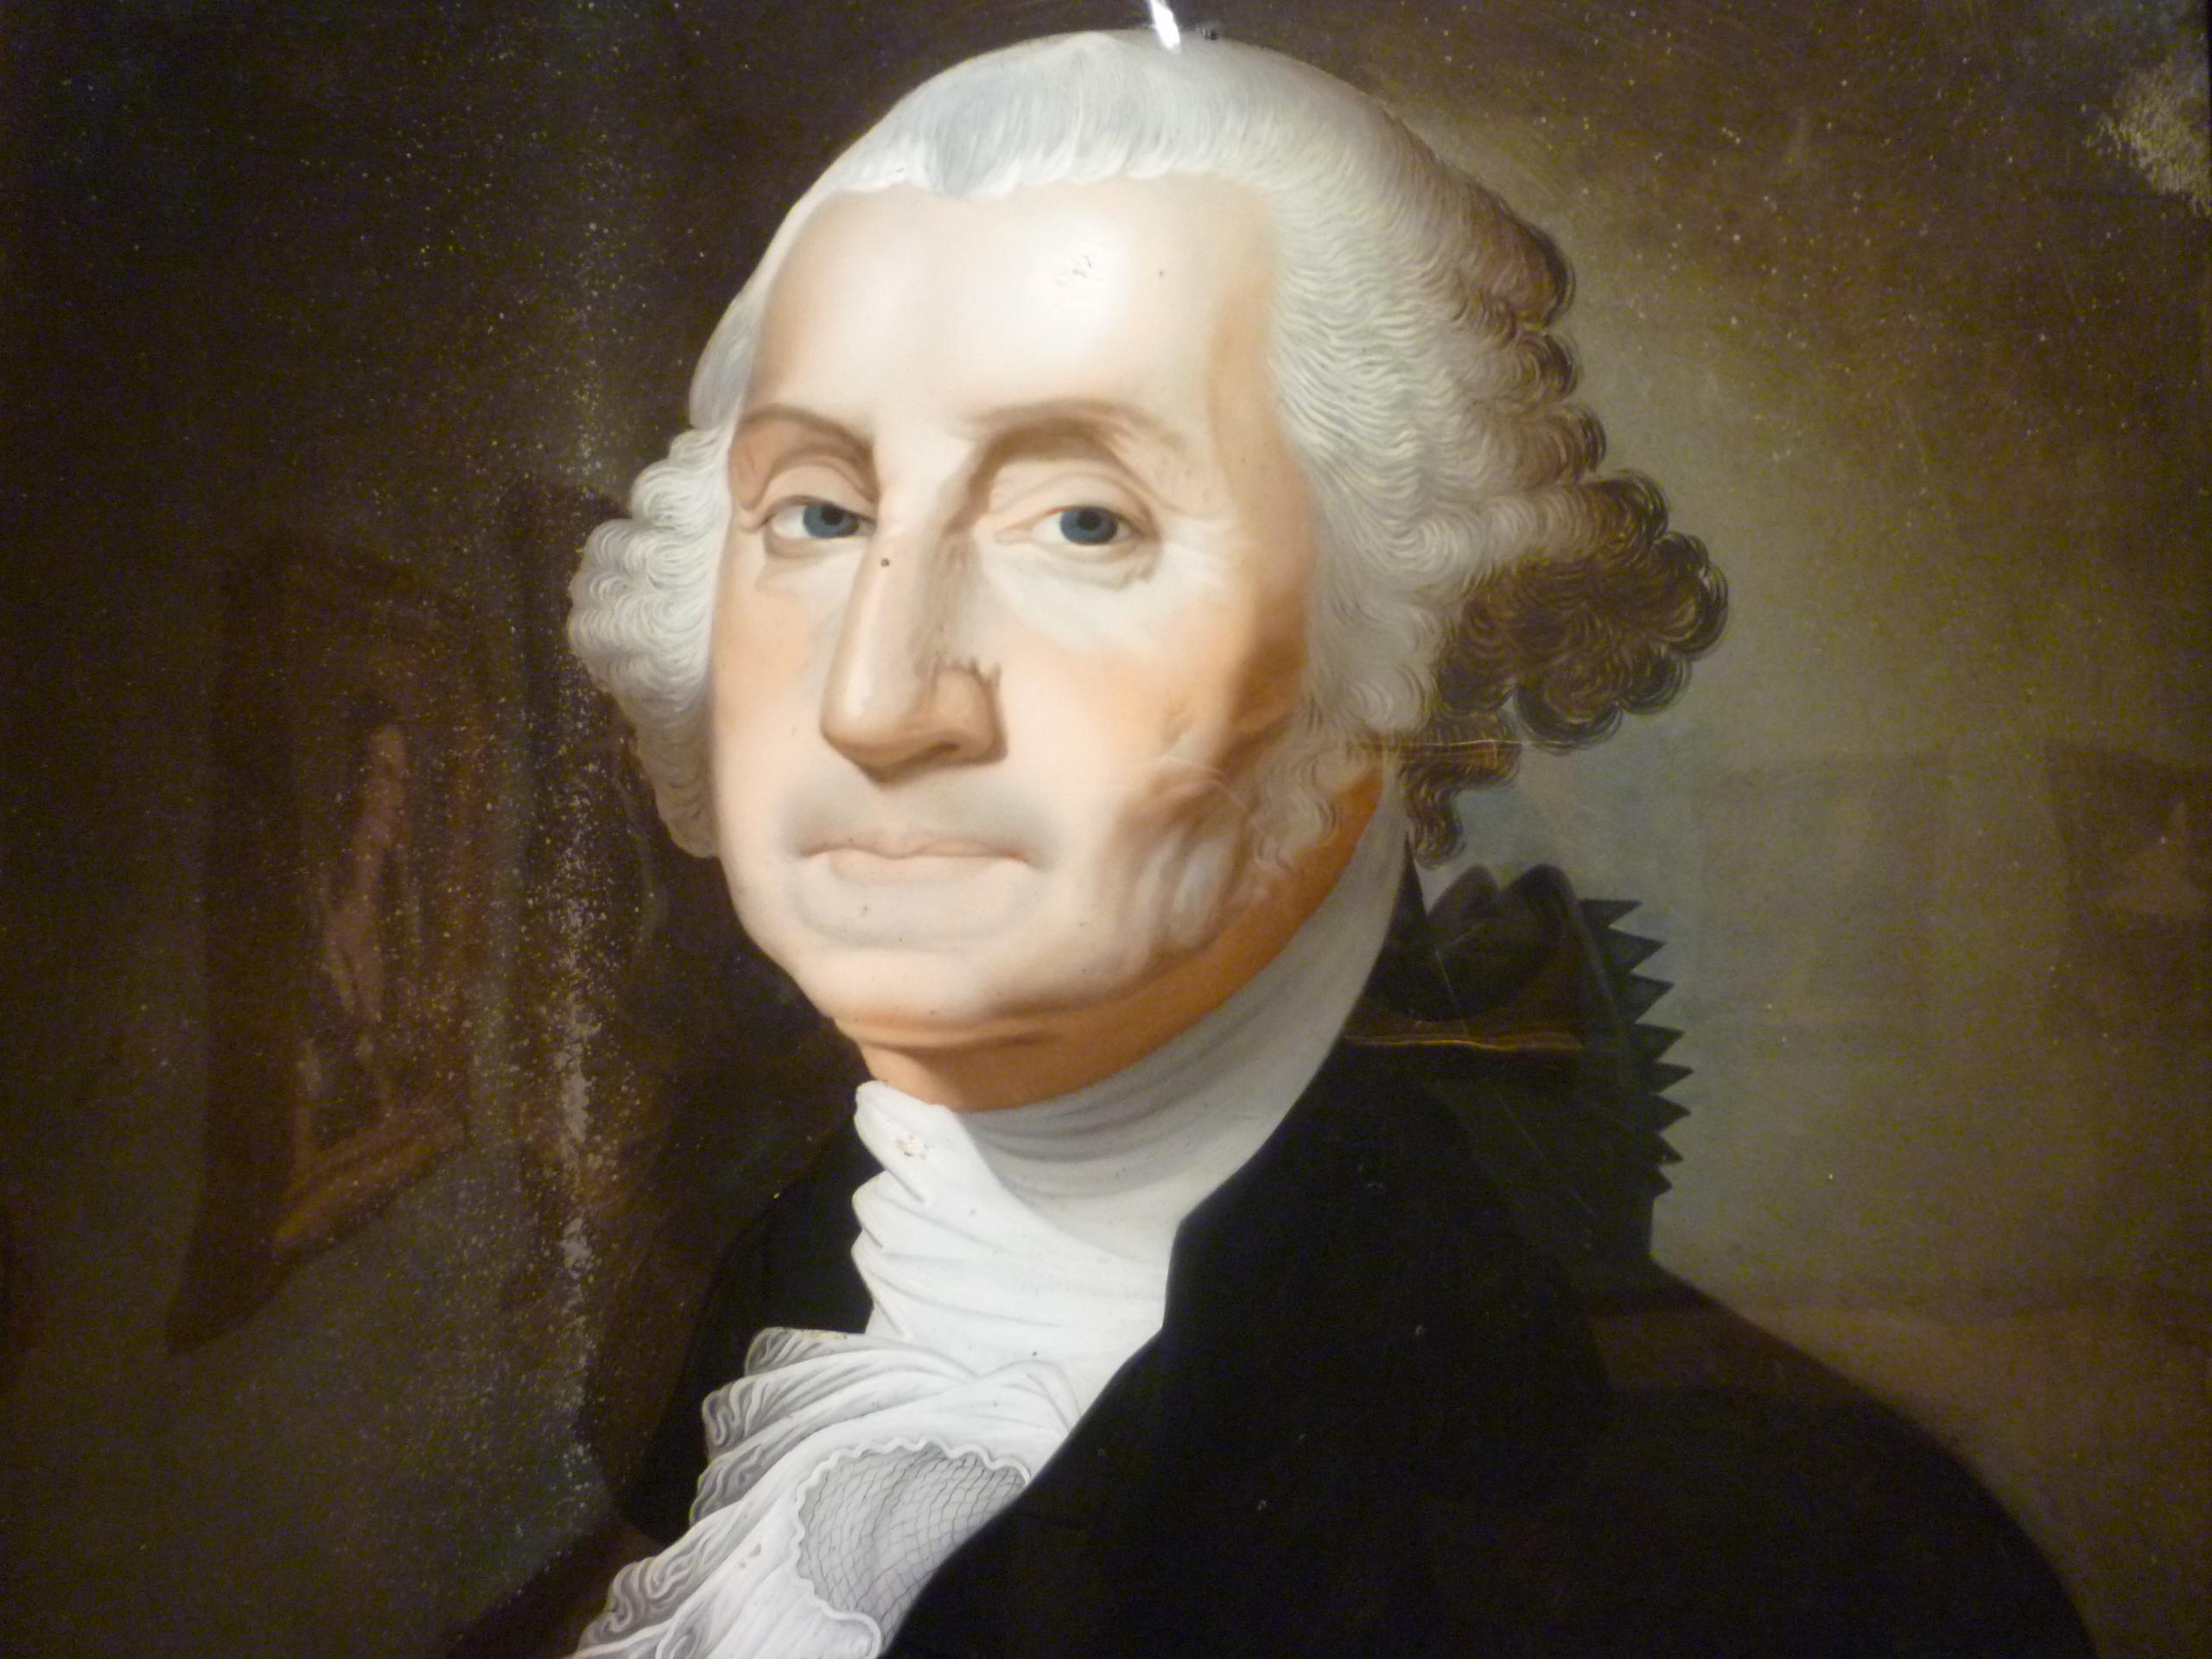 George Washington HD Images